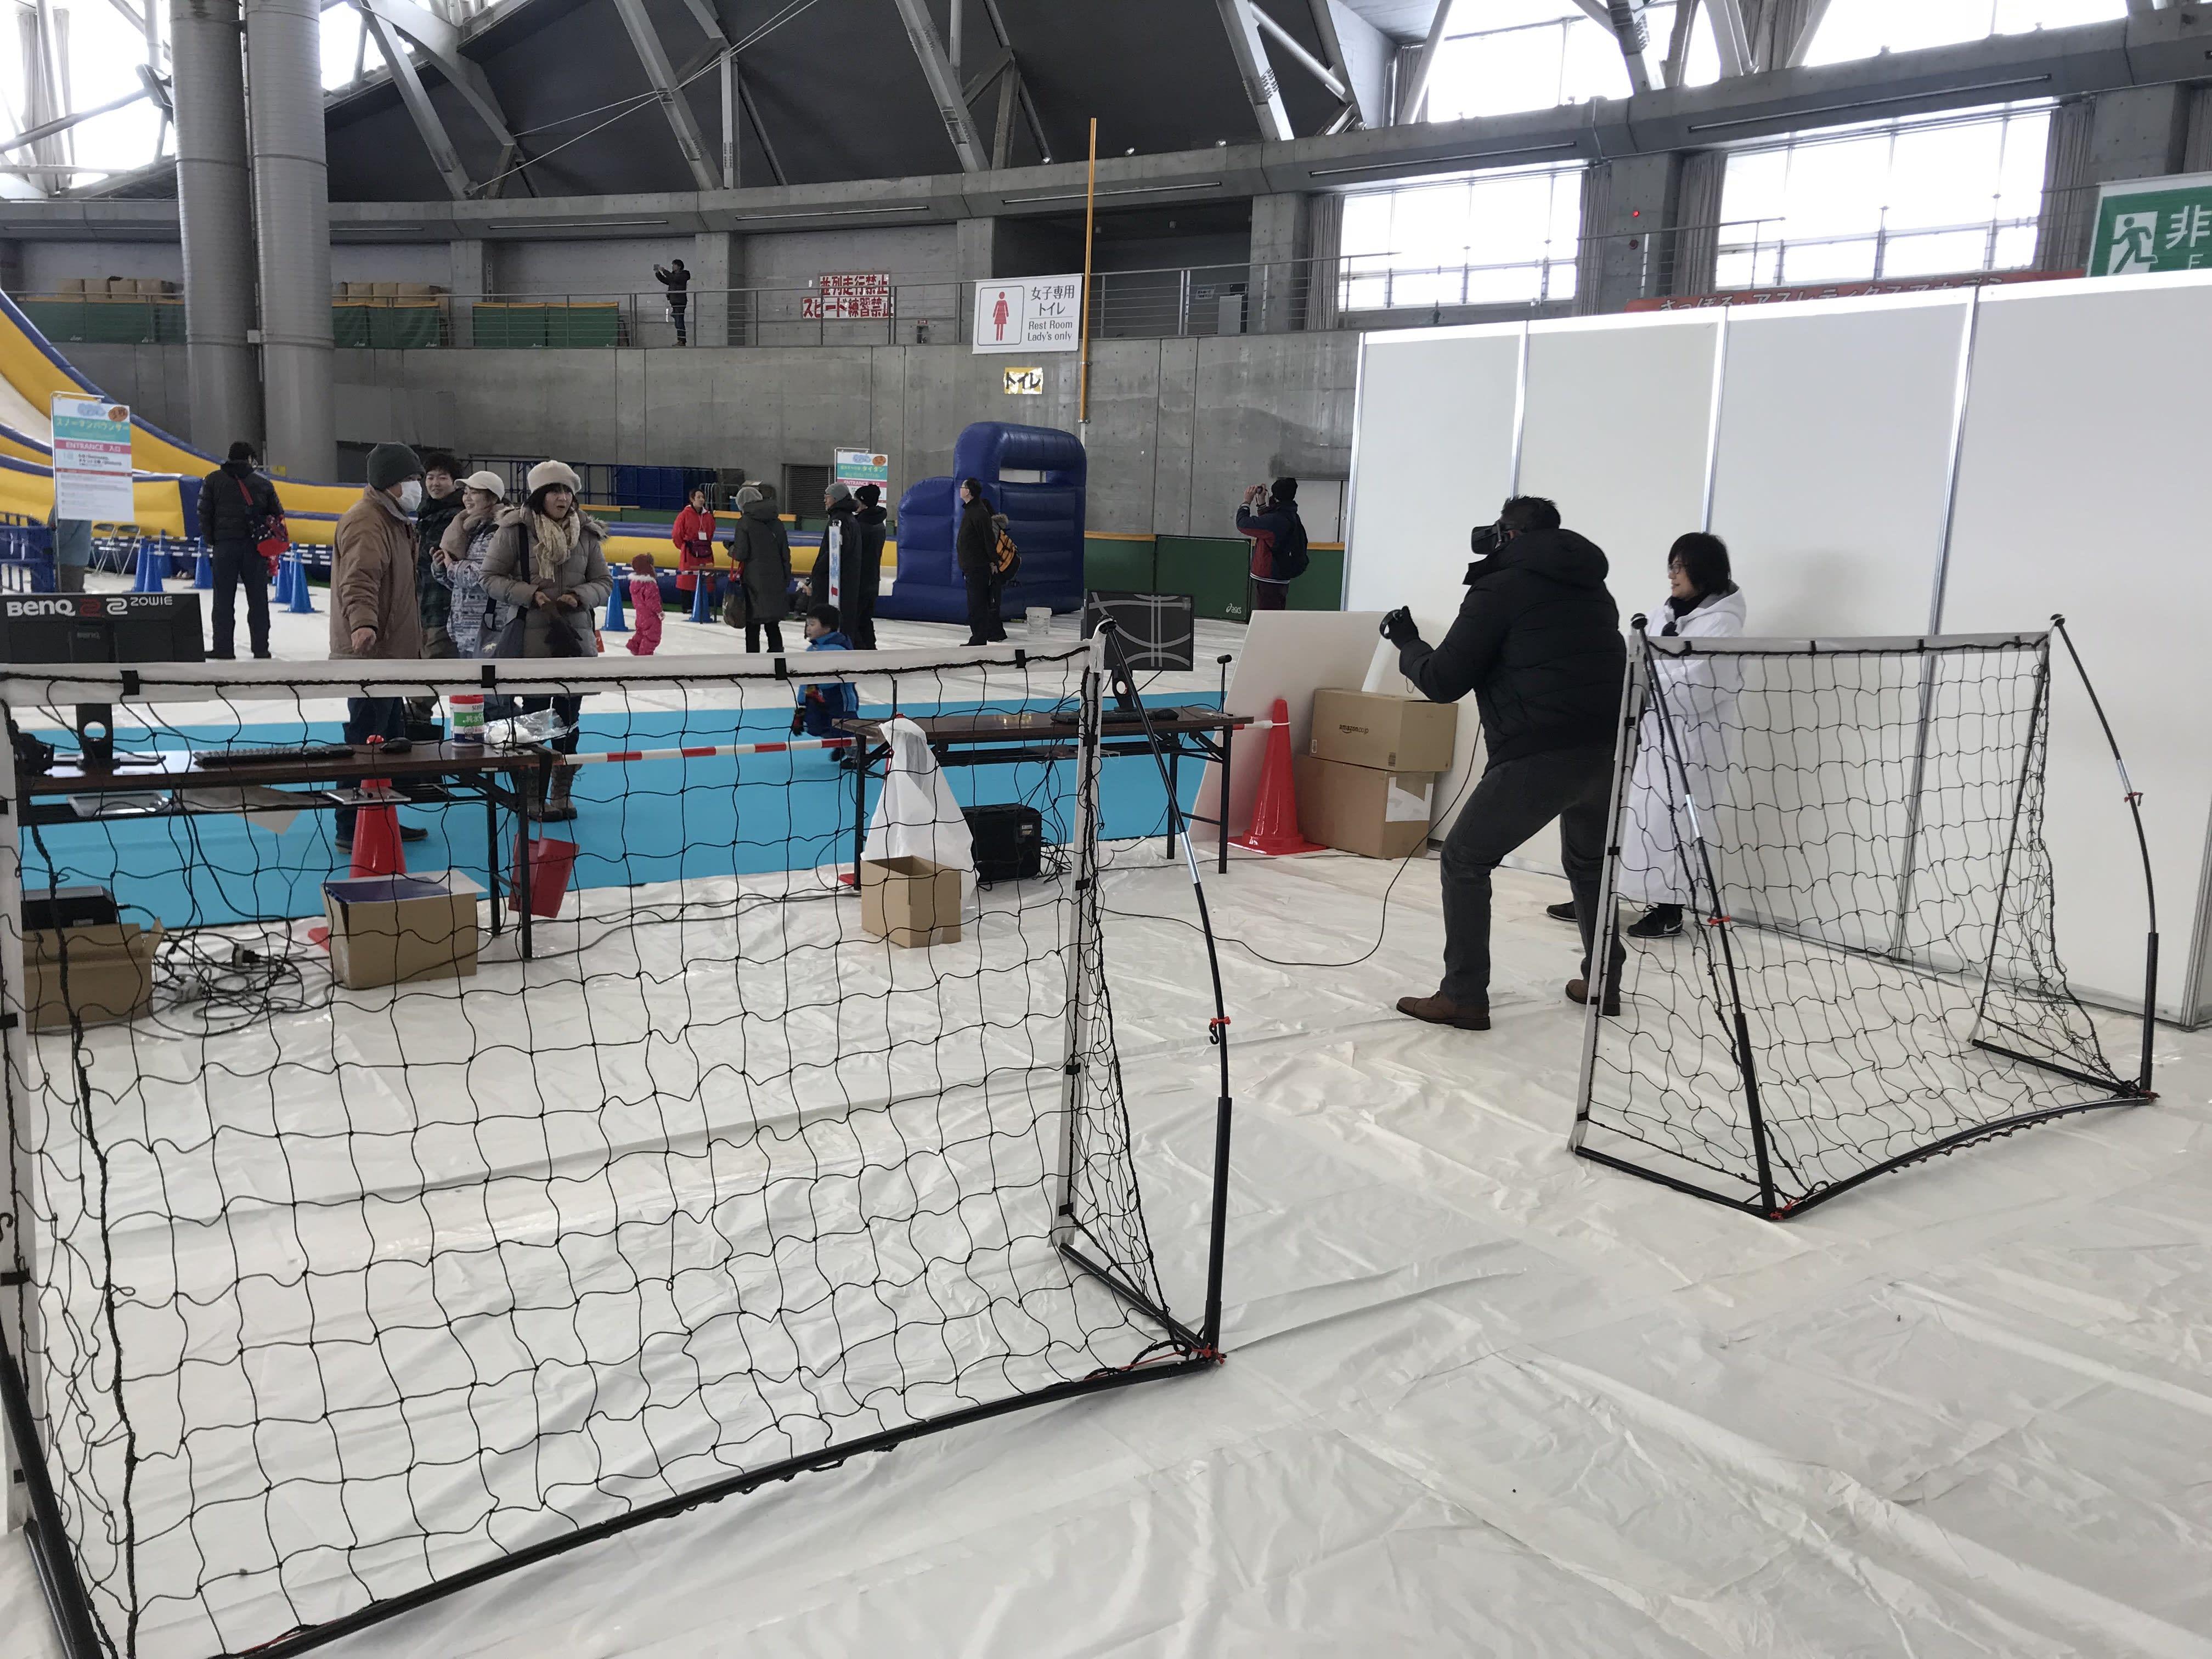 室內冰上曲棍球,圖片取自:Ann Shih